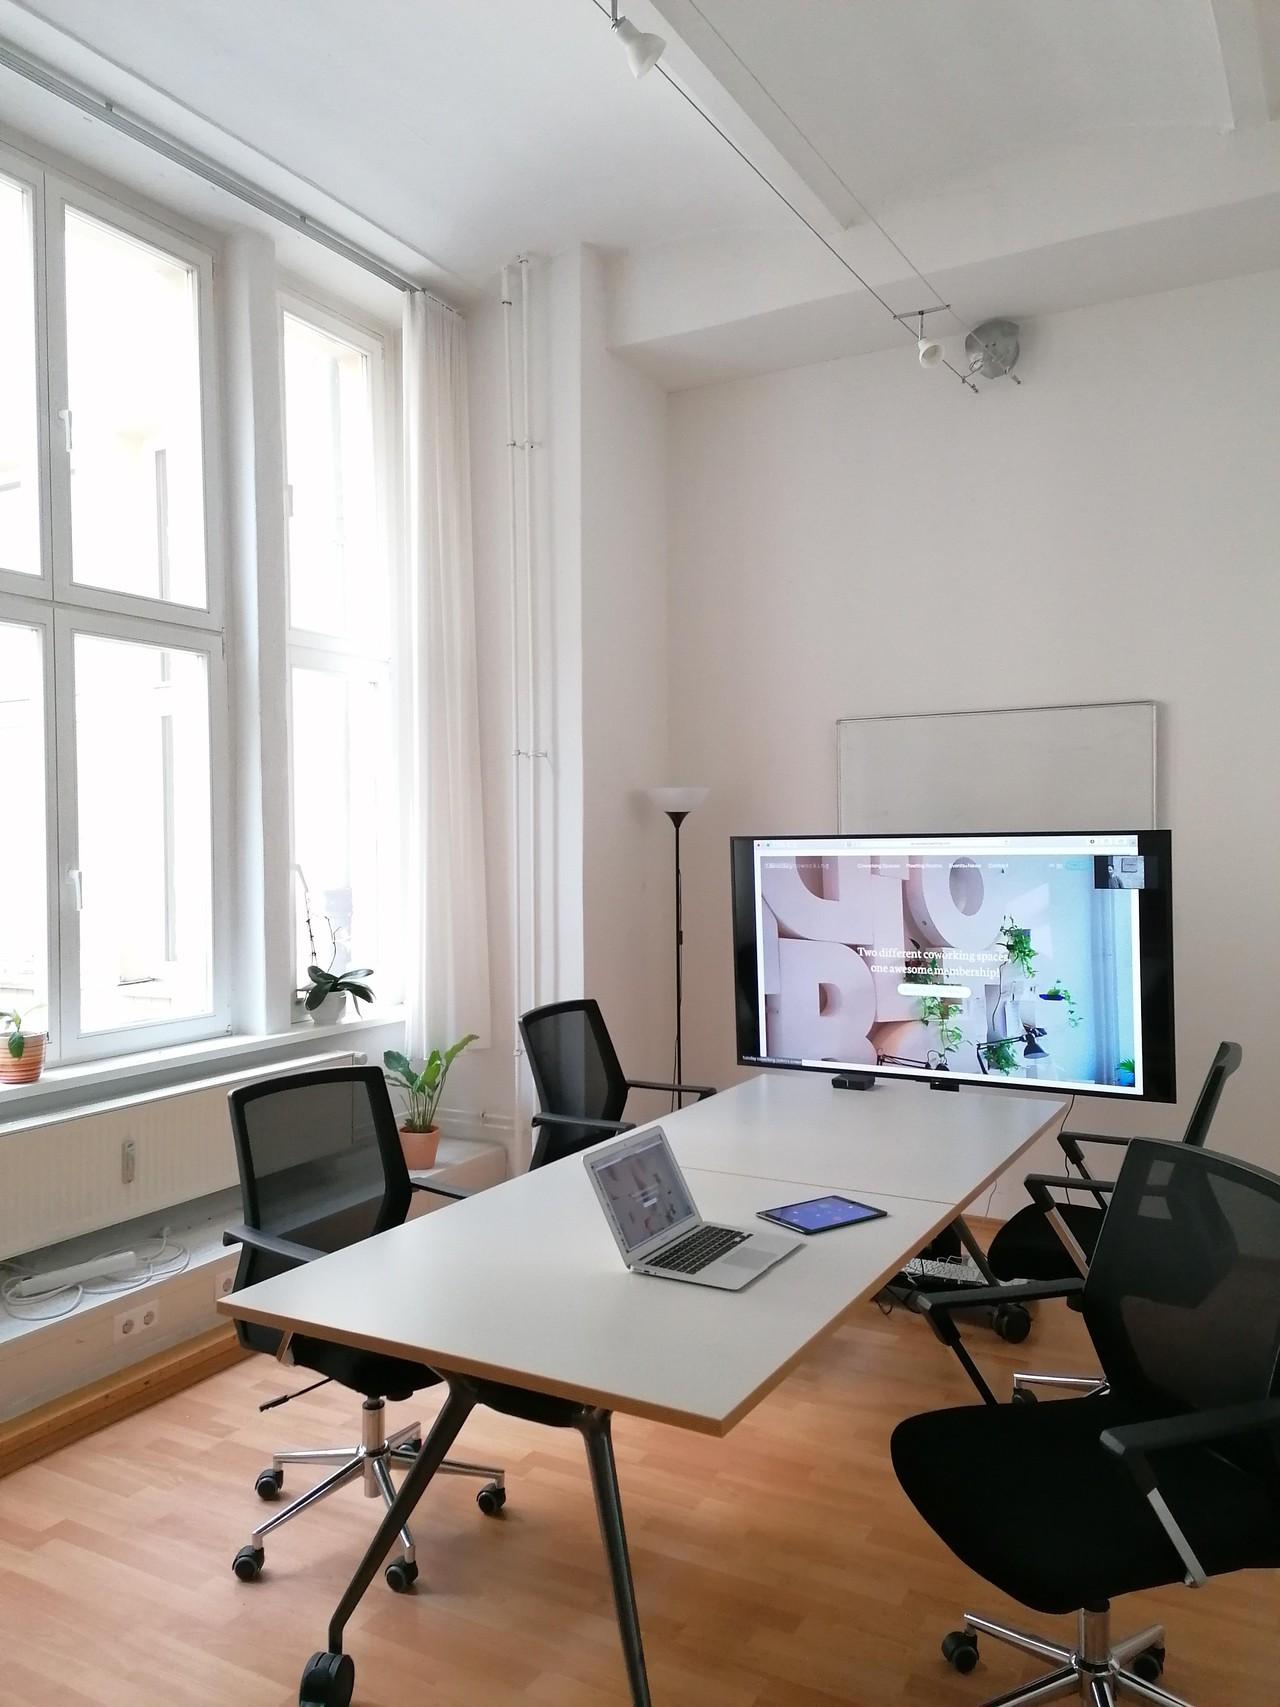 Berlin workshop spaces Meetingraum Zoom Room